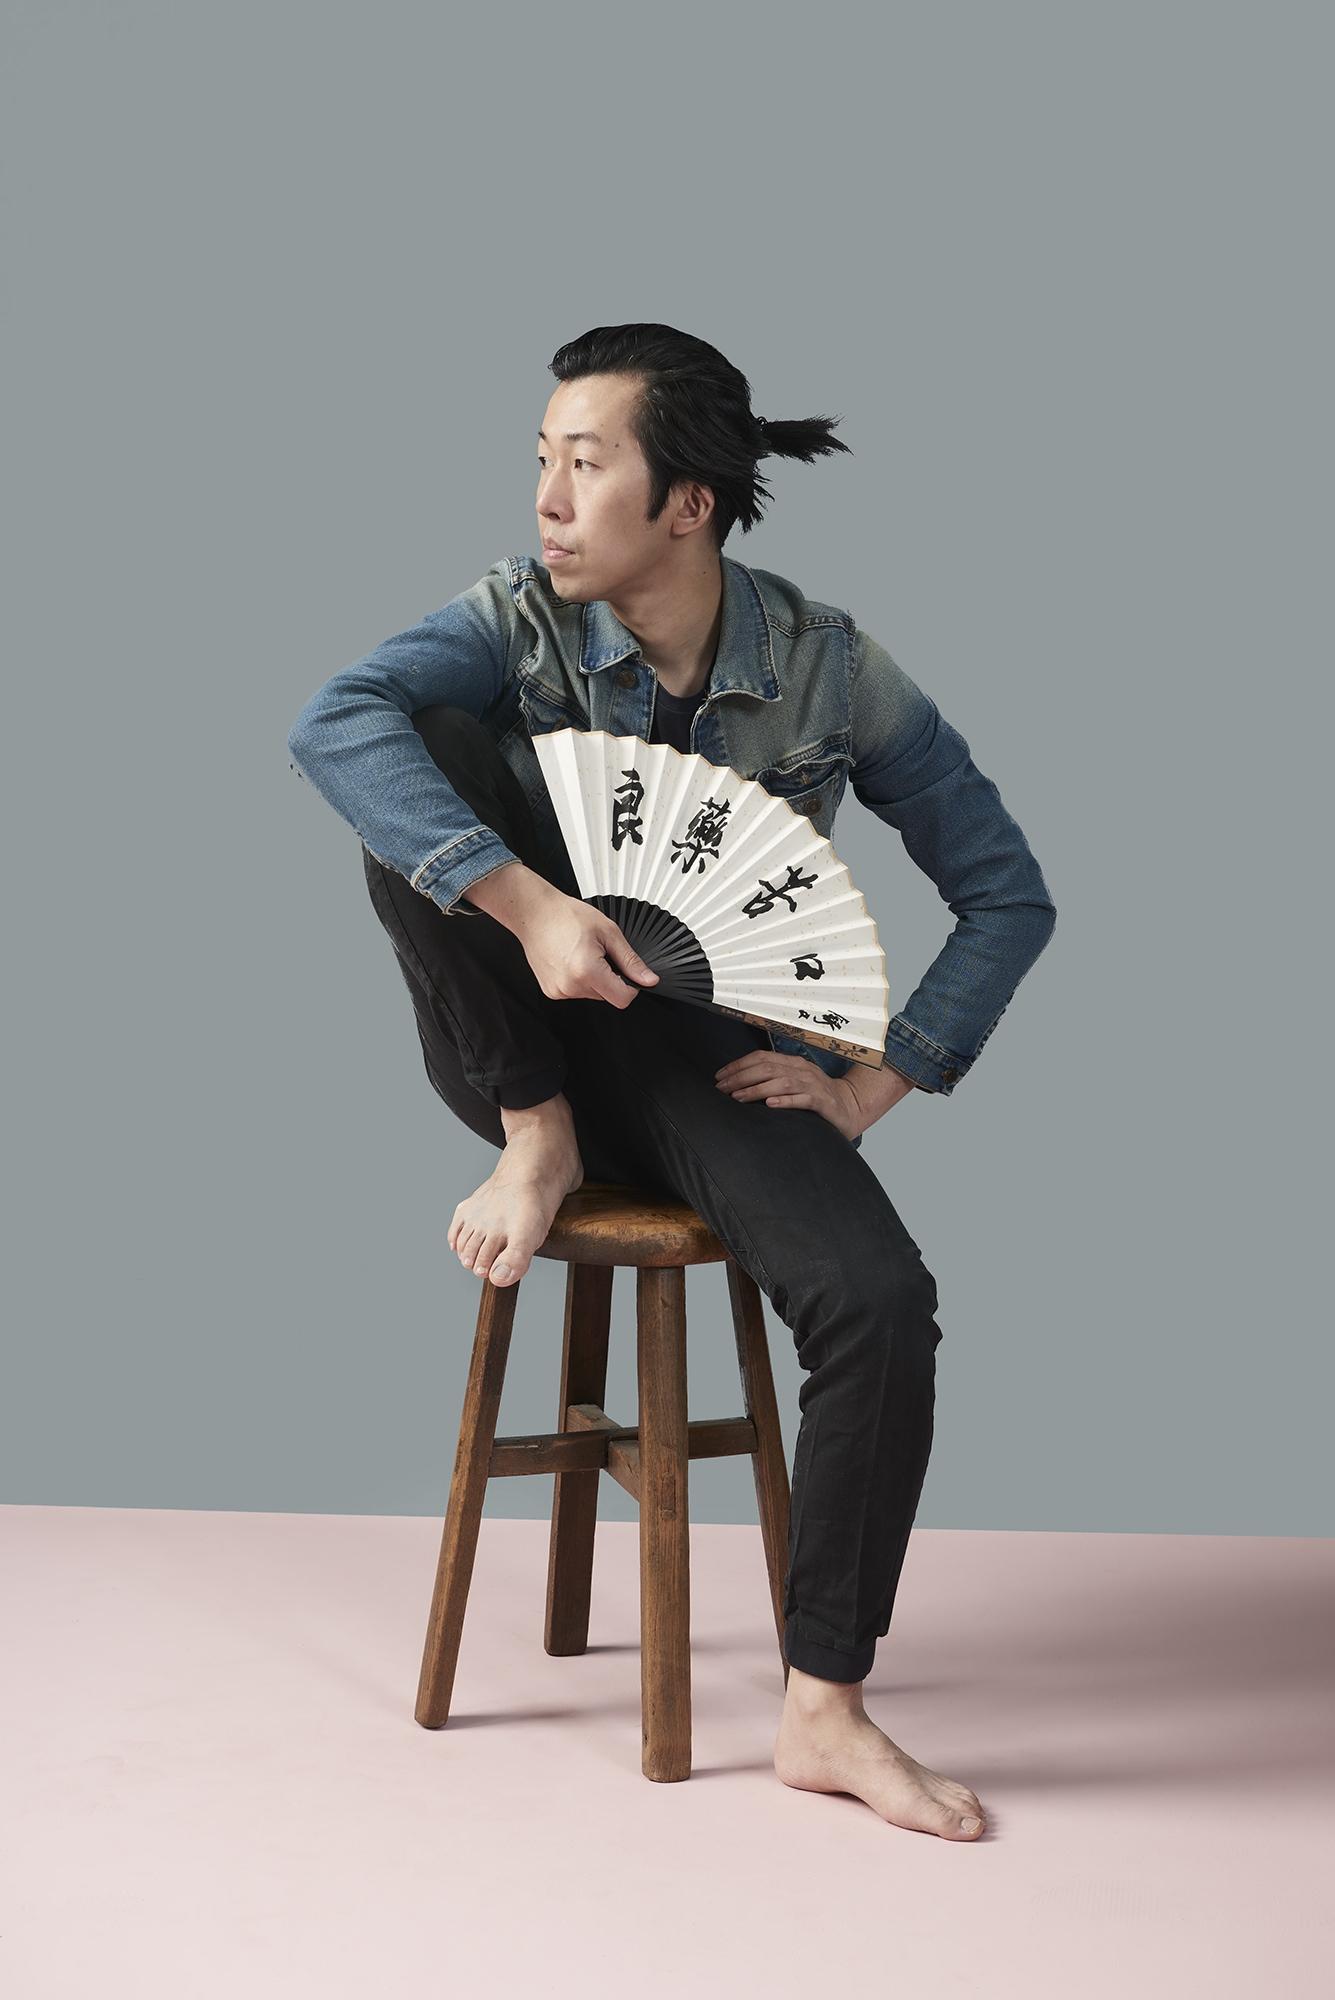 sonjamueller_portrait_designer_xinhu_weng1